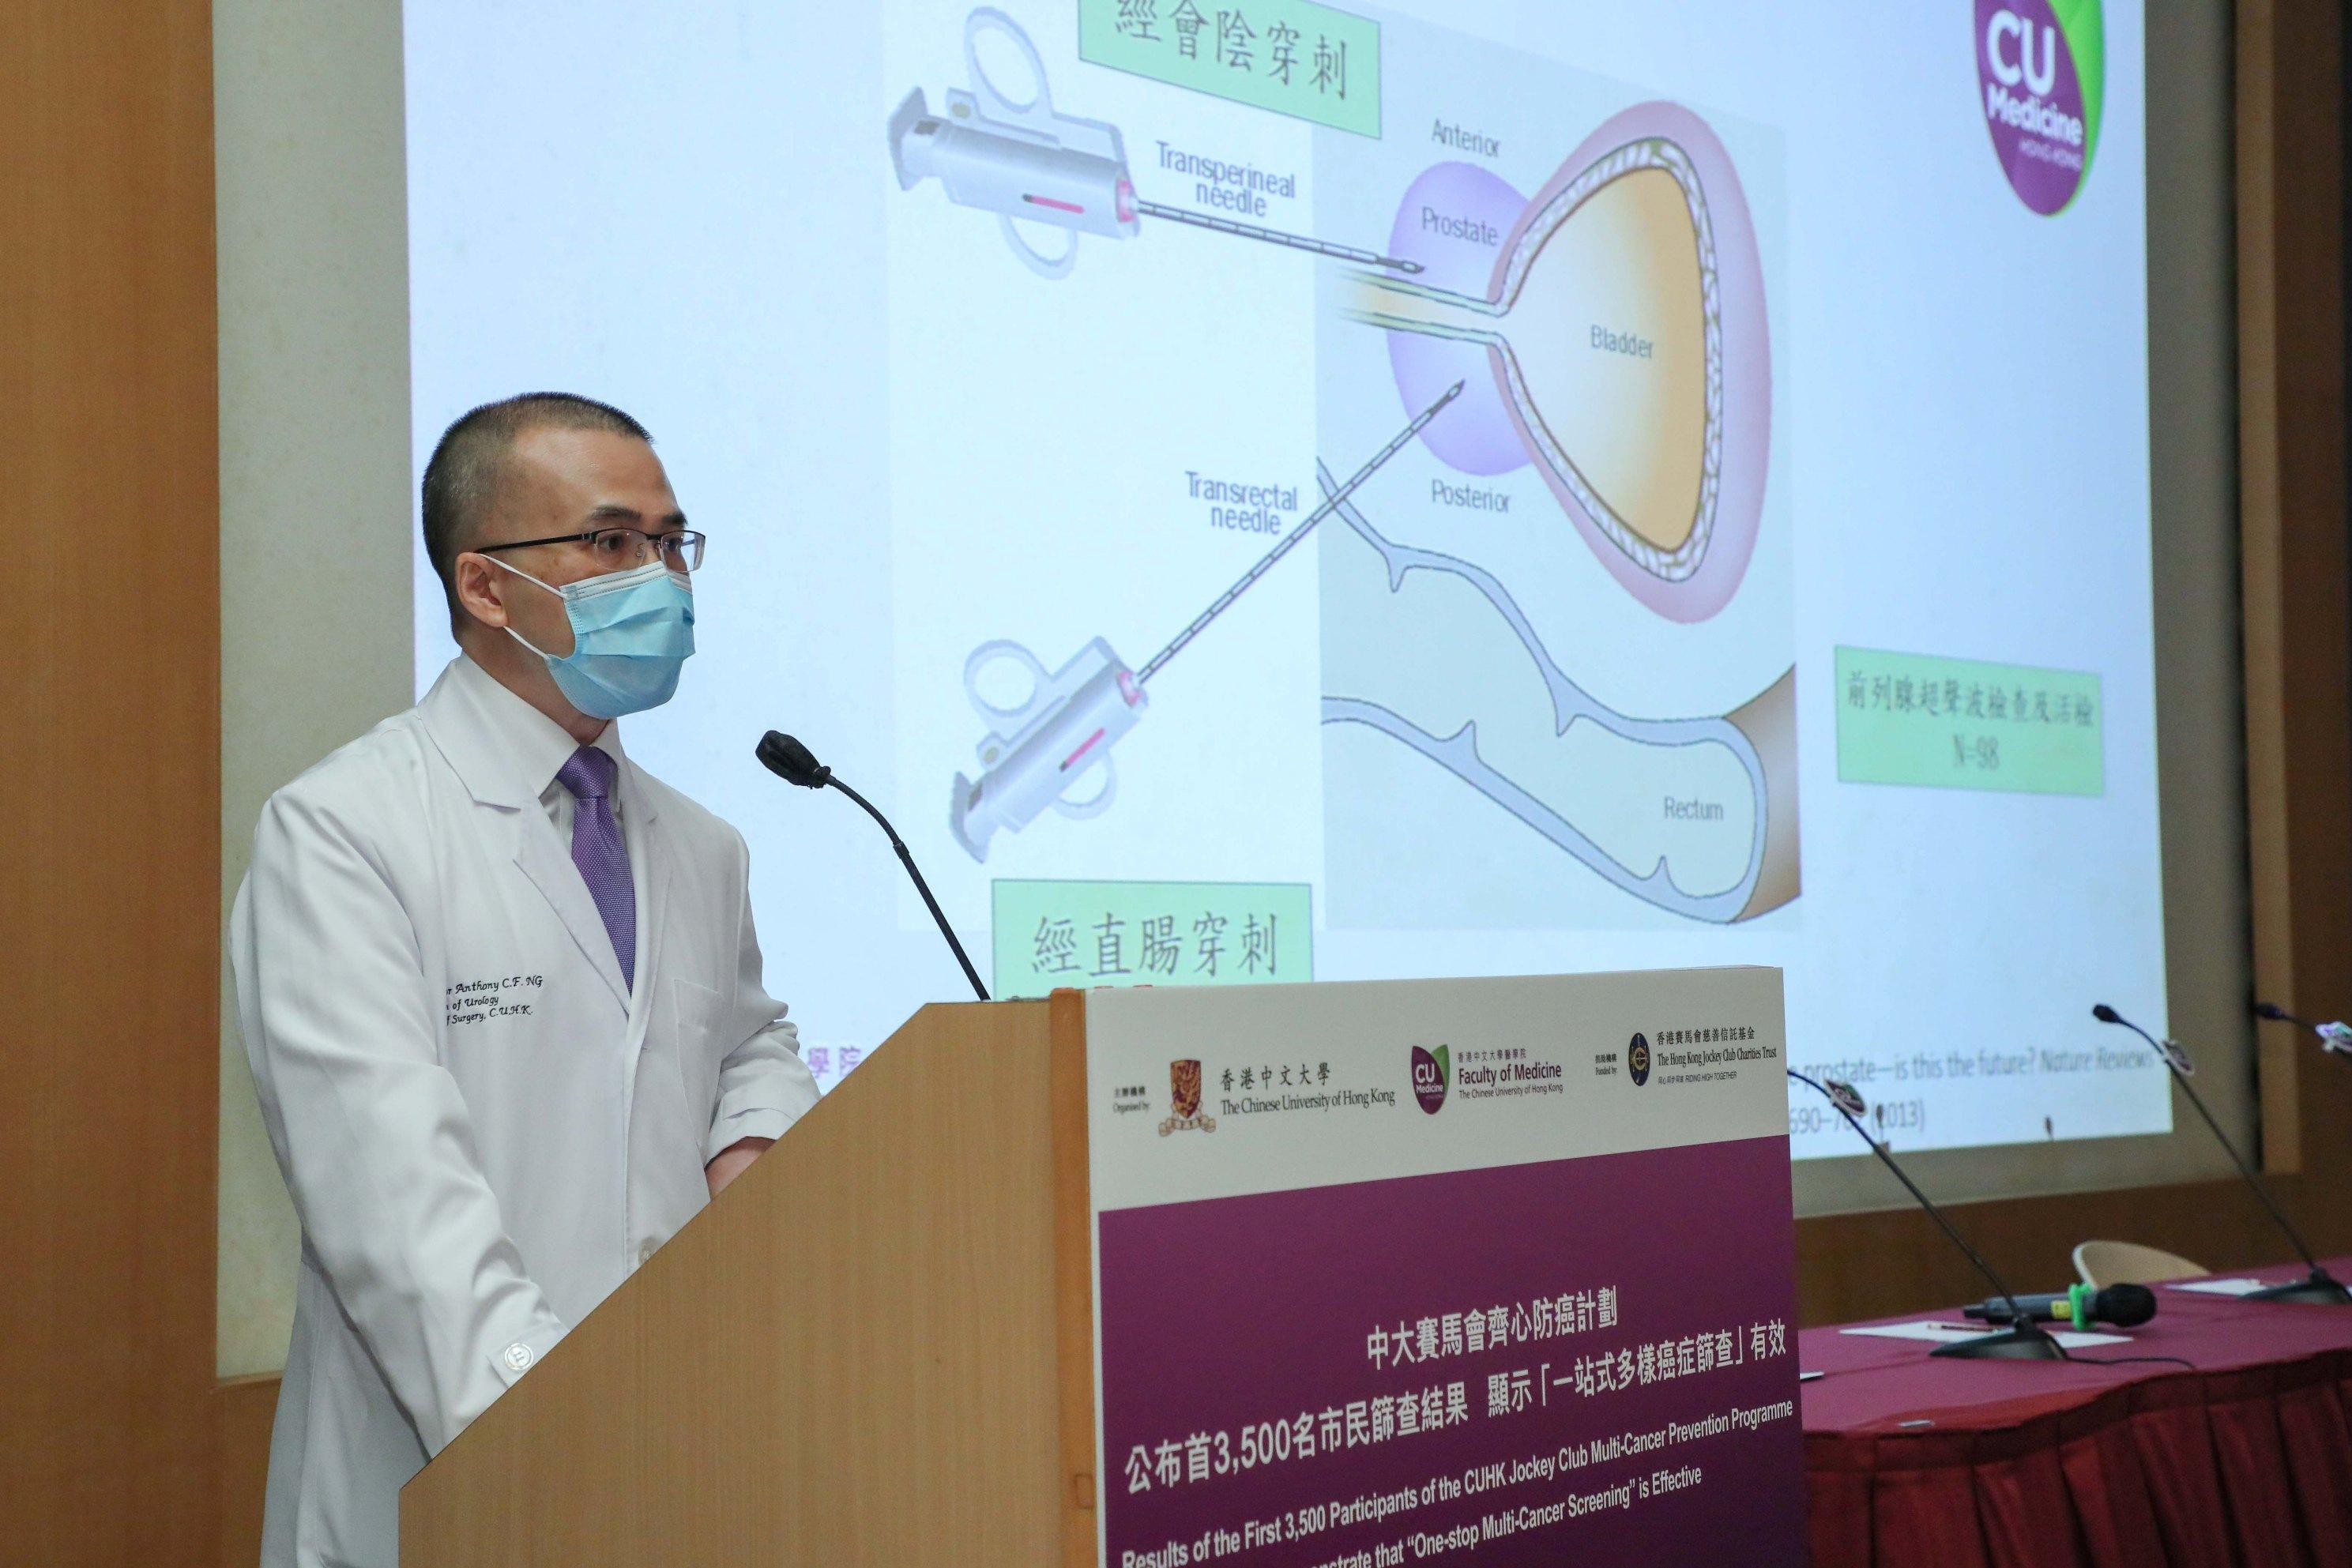 吴志辉教授指出,早期前列腺癌没有太多明显病征,是次筛查发现的癌症个案,也有四分之一病情属于第三及第四期。